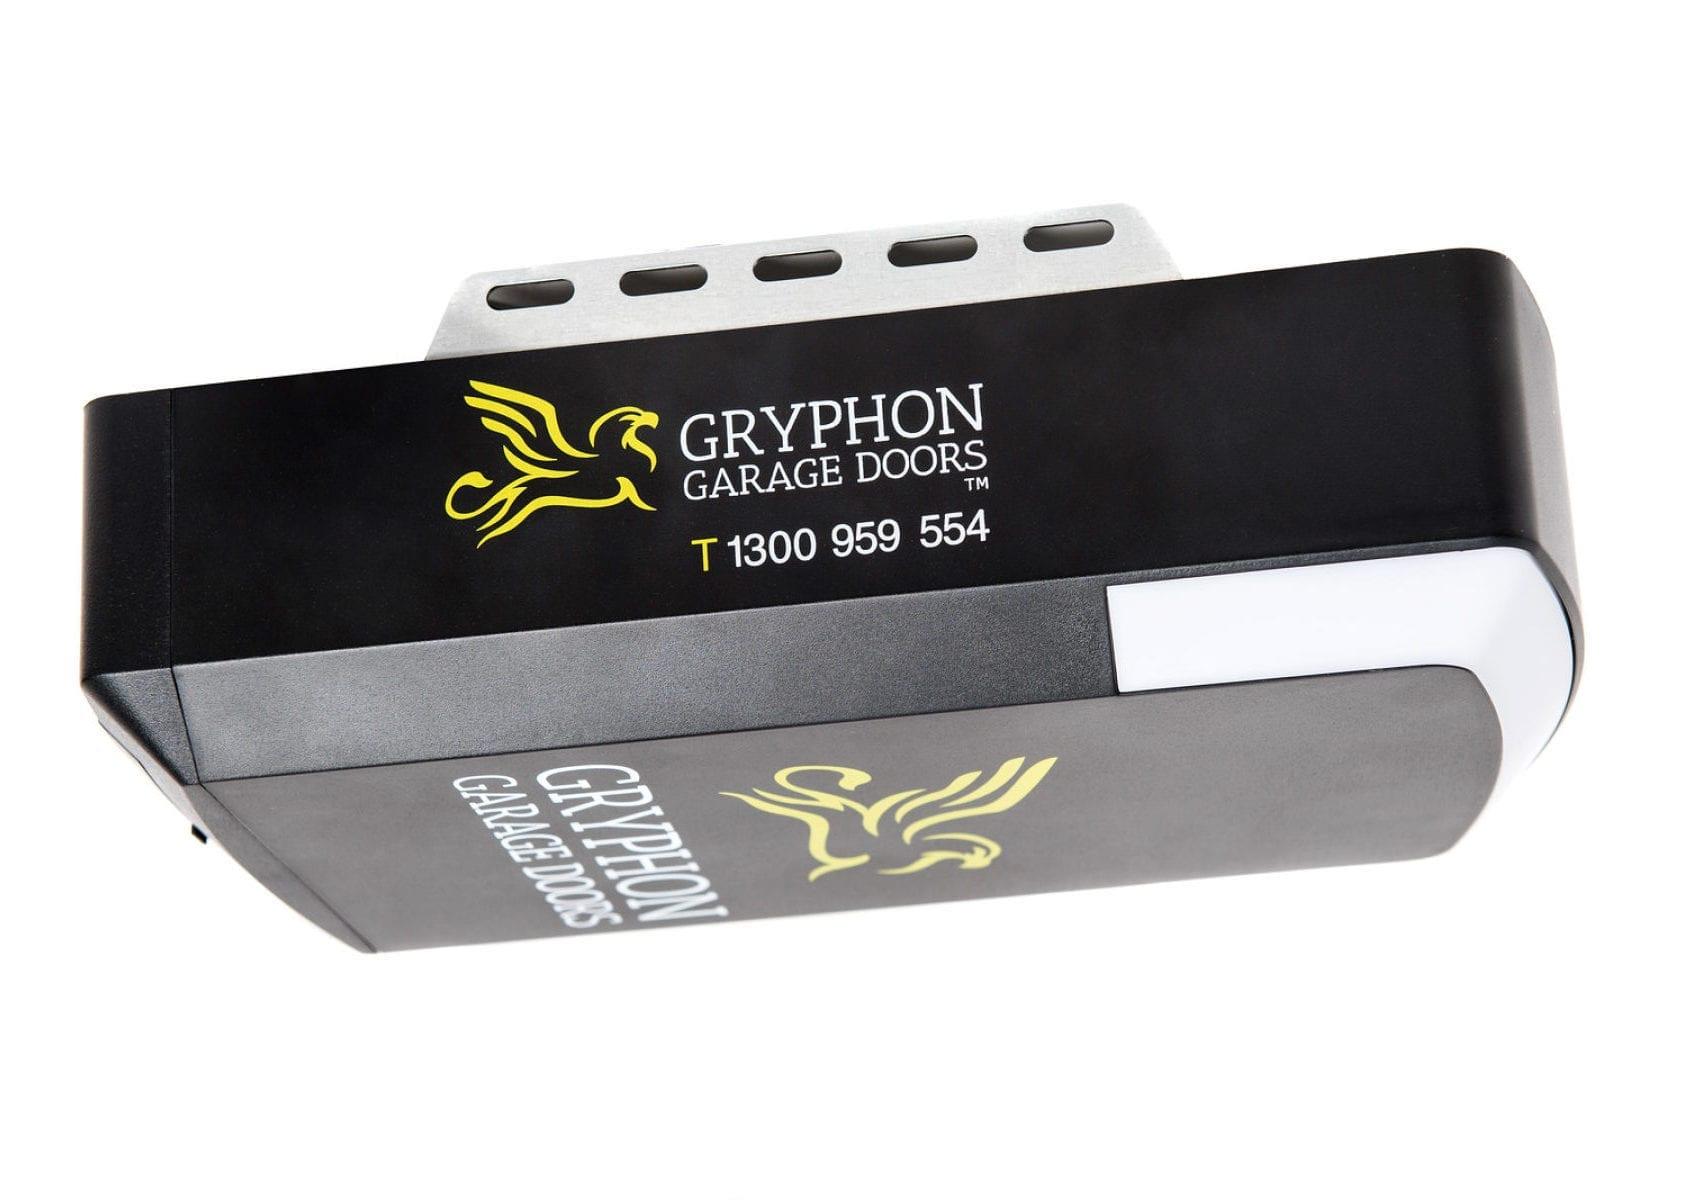 Gryphon garage door motor